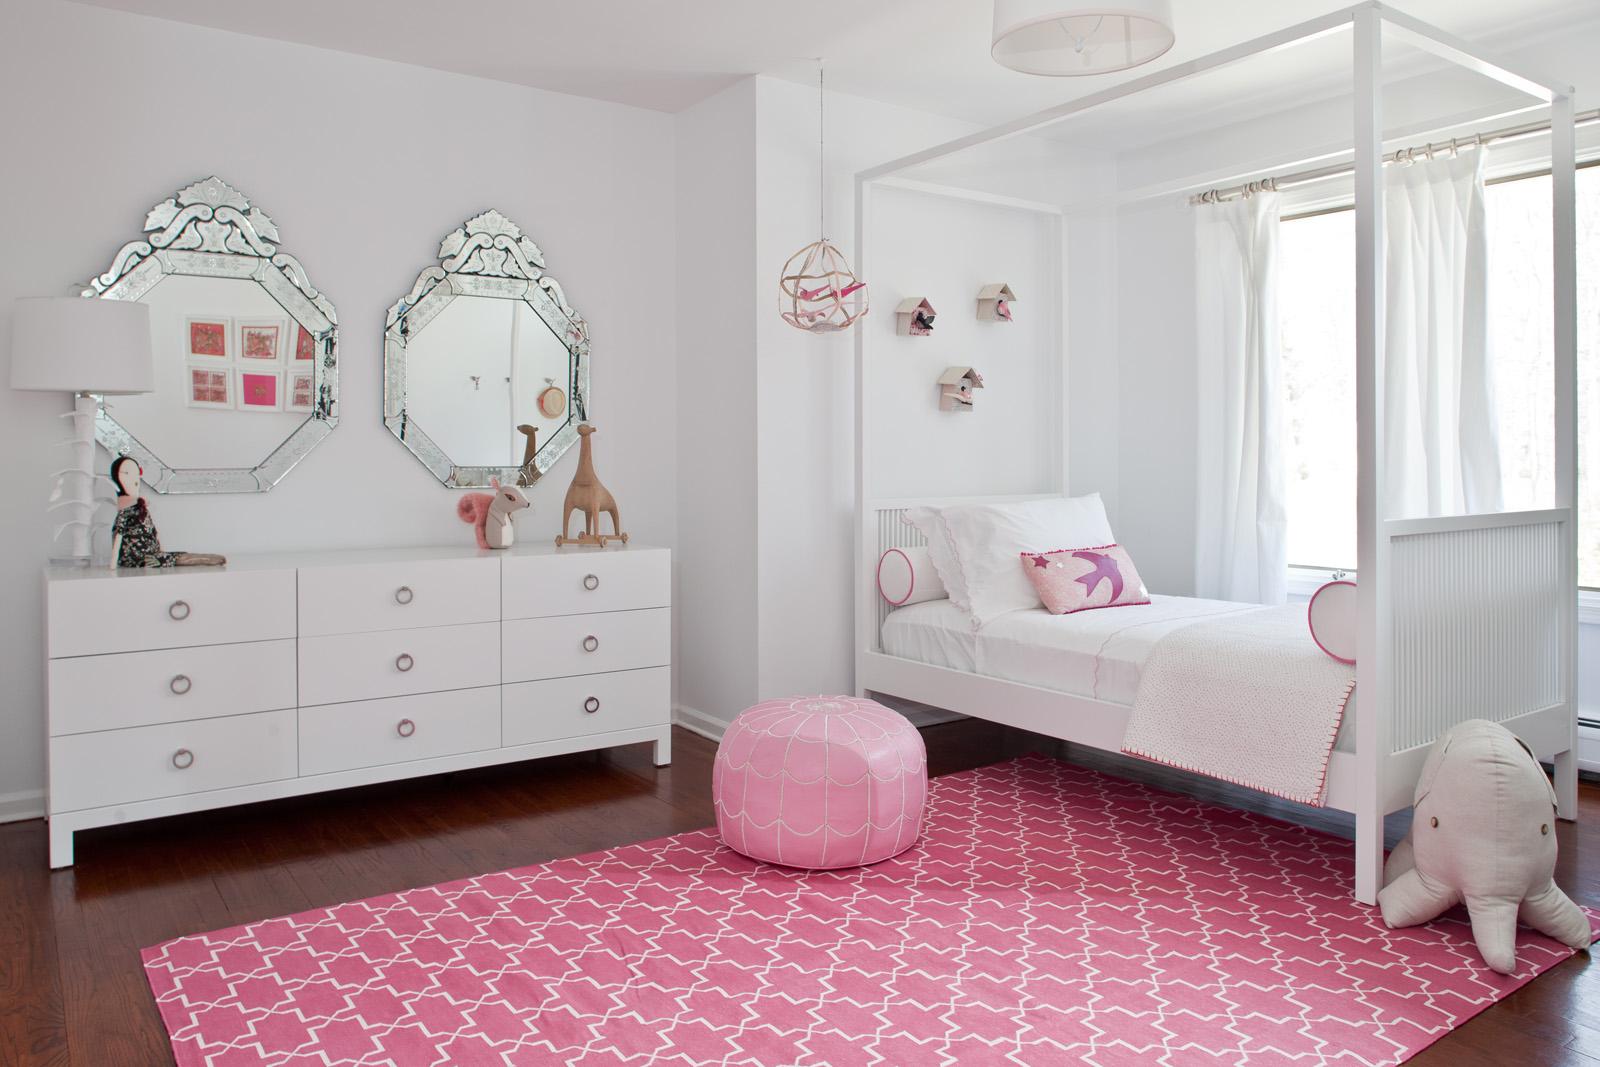 Фото комнат для детей 12 лет